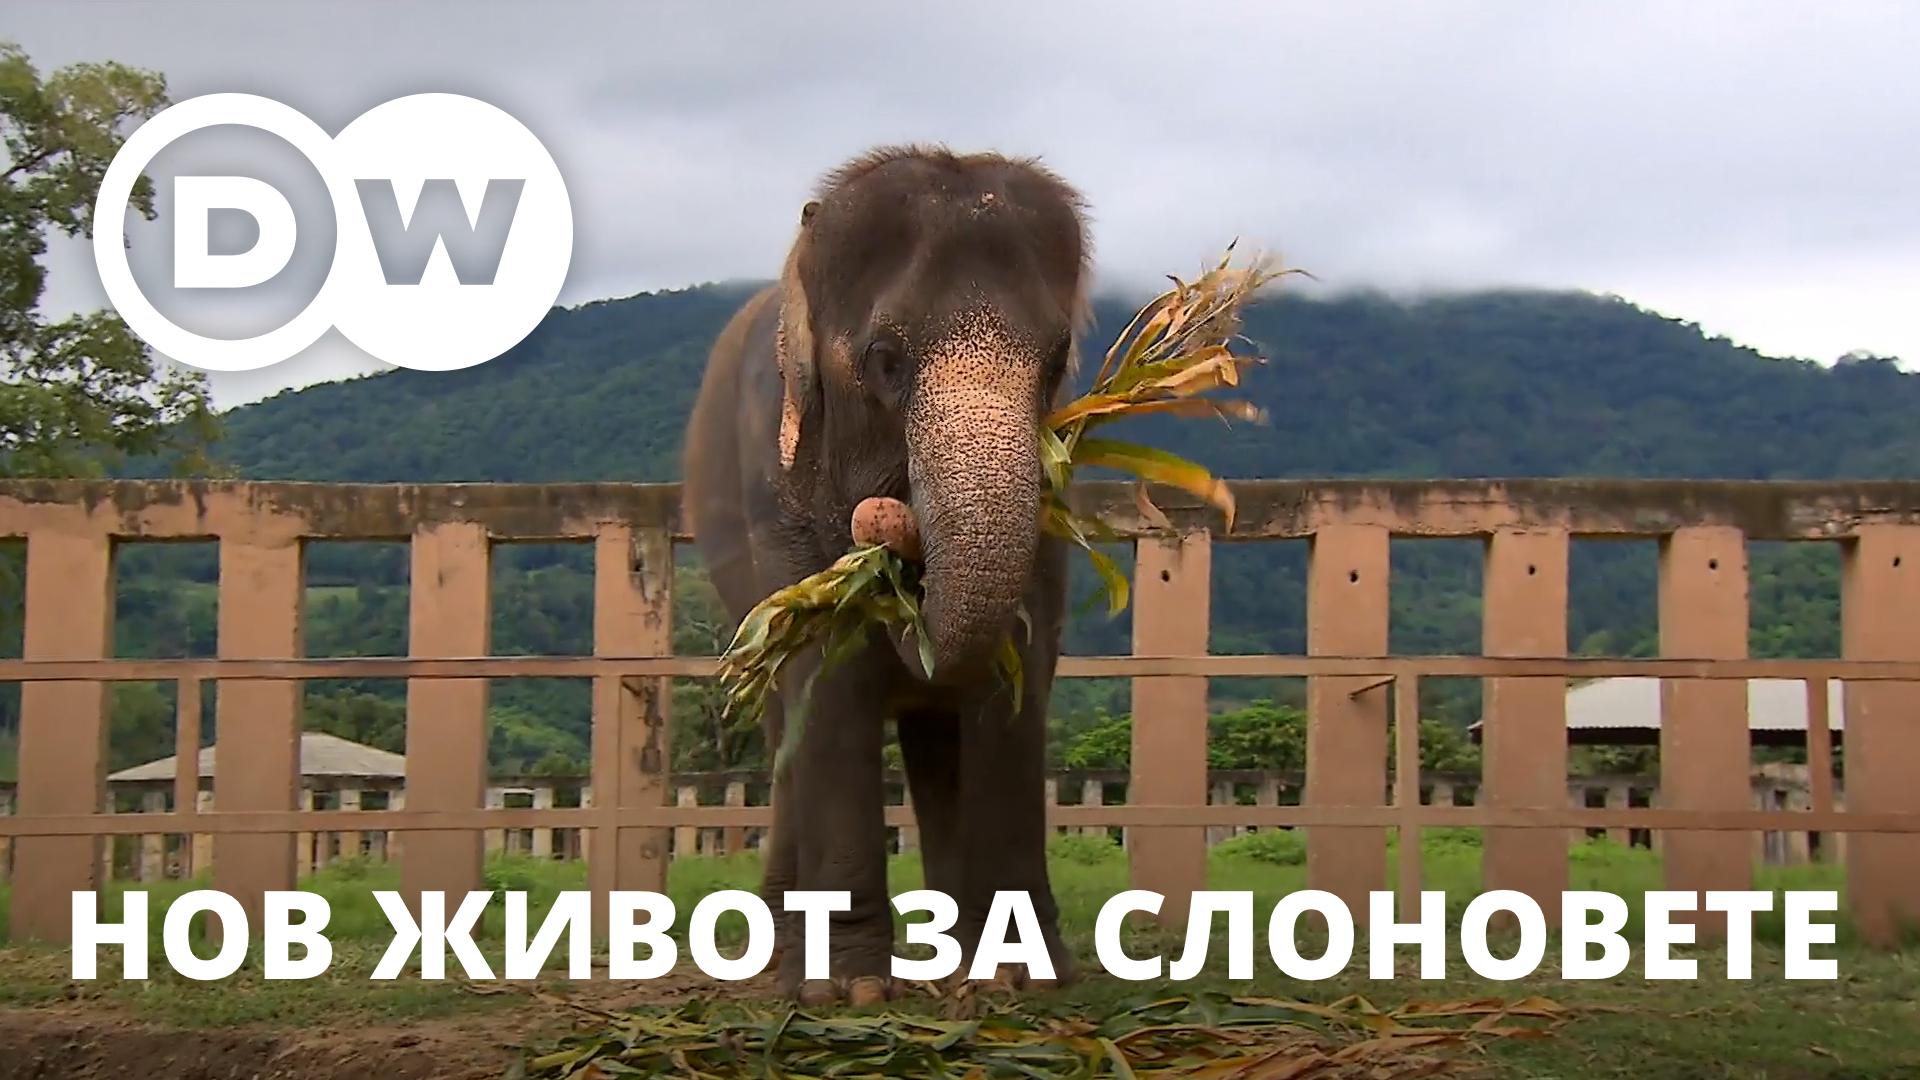 Тайланд - нов живот за работещите слонове